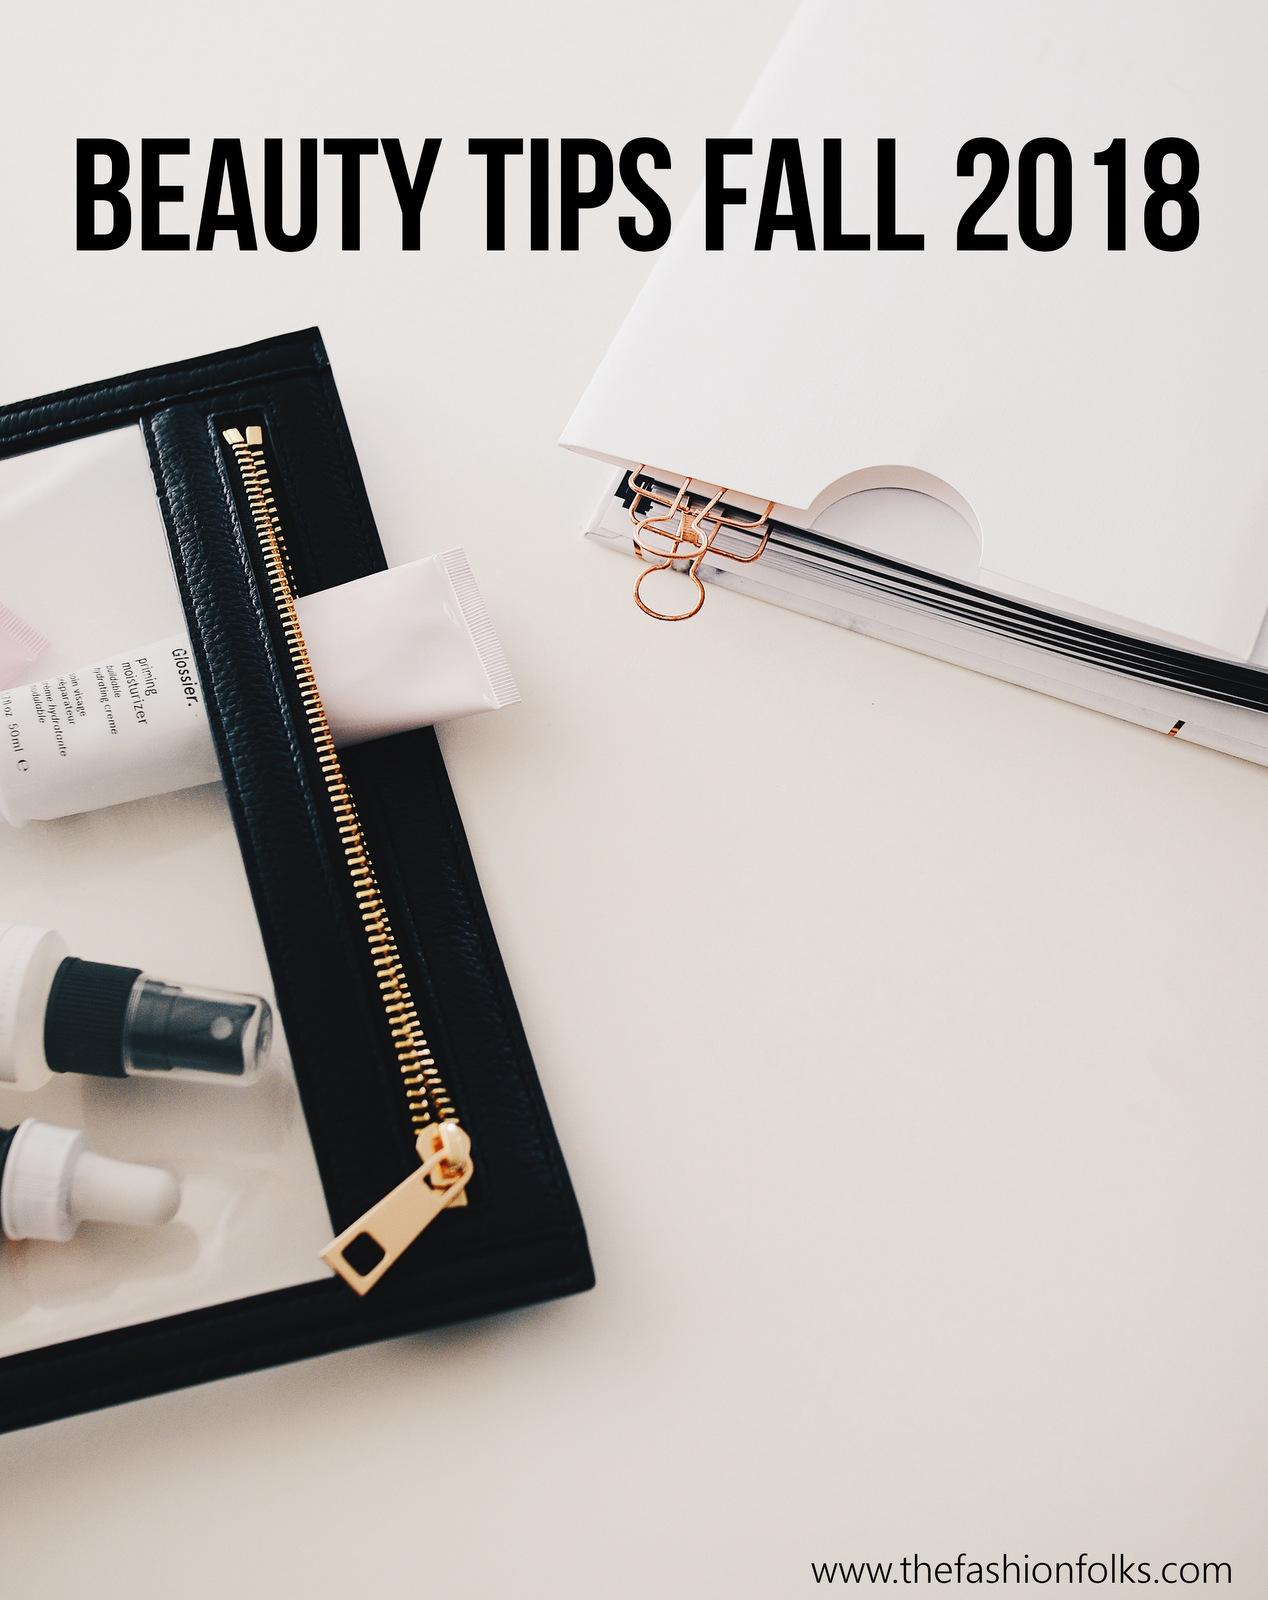 Beauty Tips Fall 2018